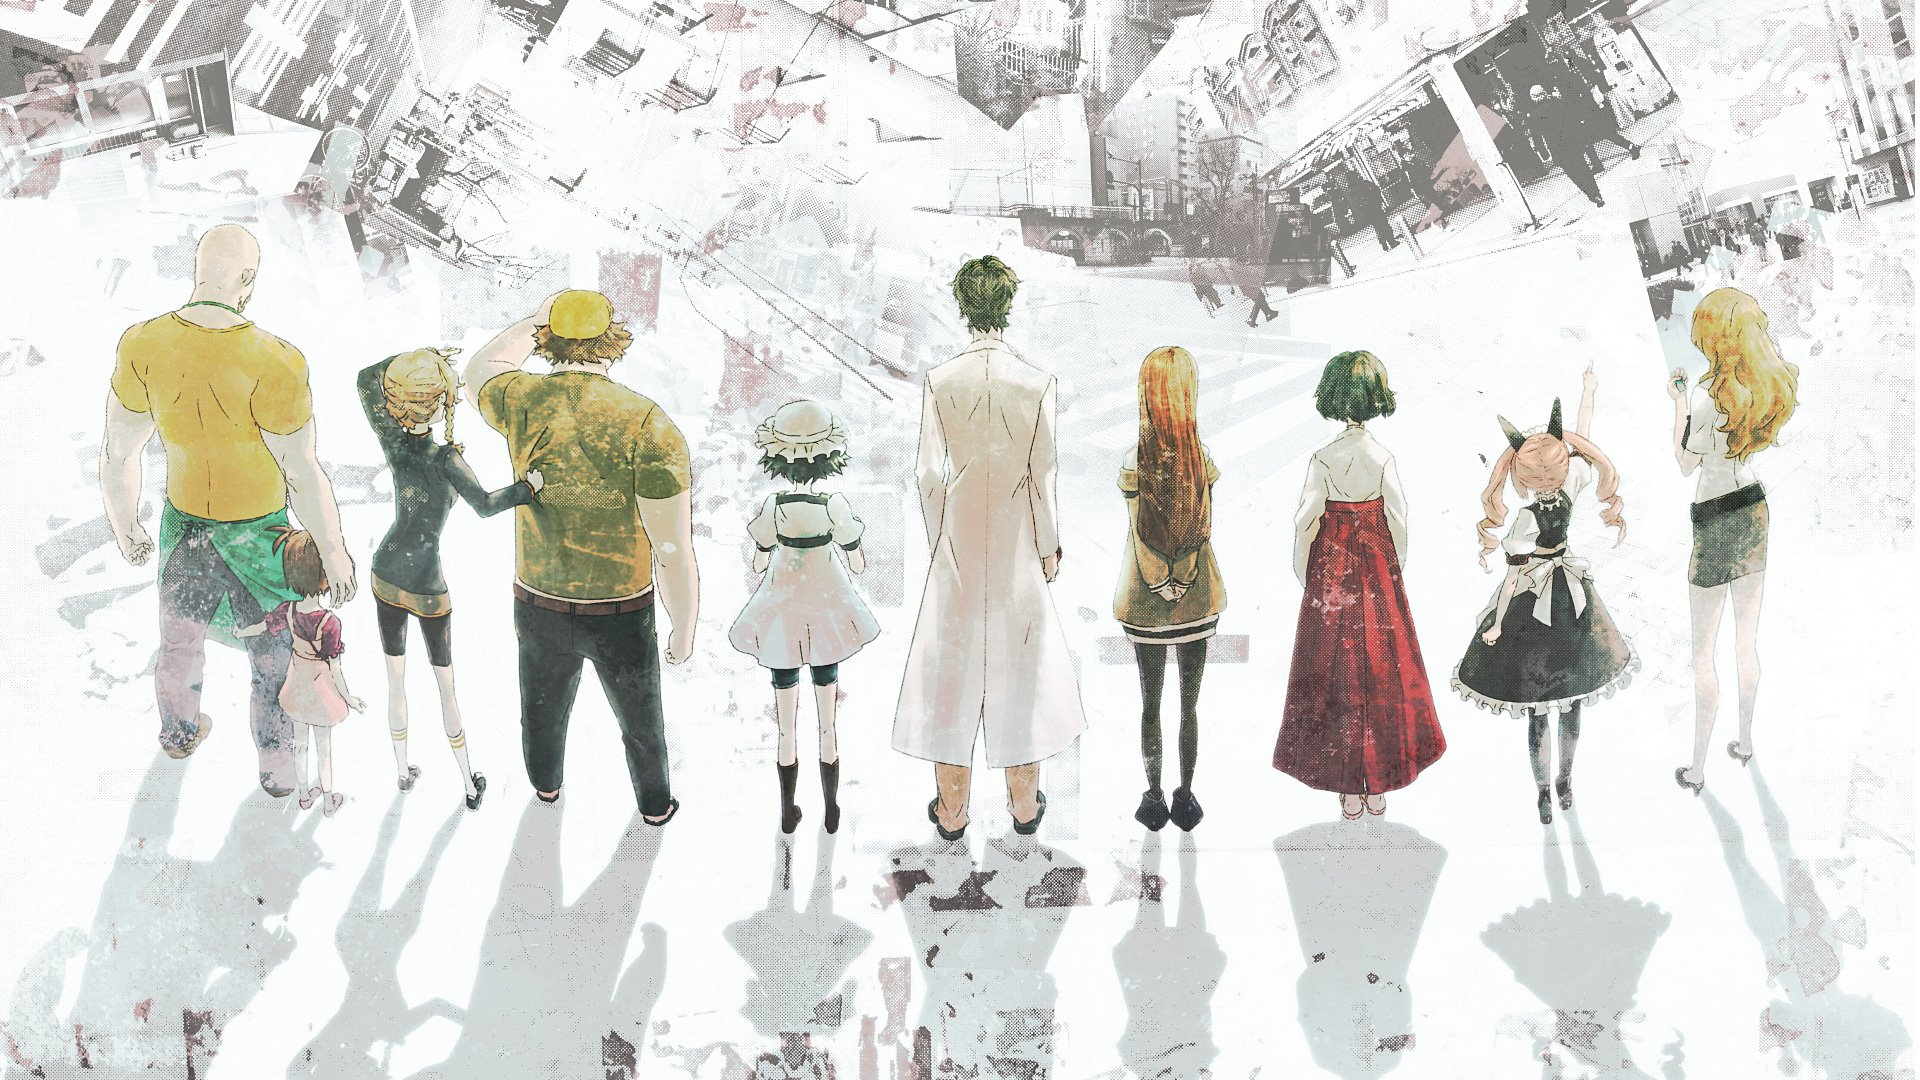 Steins Gate Hd Wallpaper Zerochan Anime Image Board